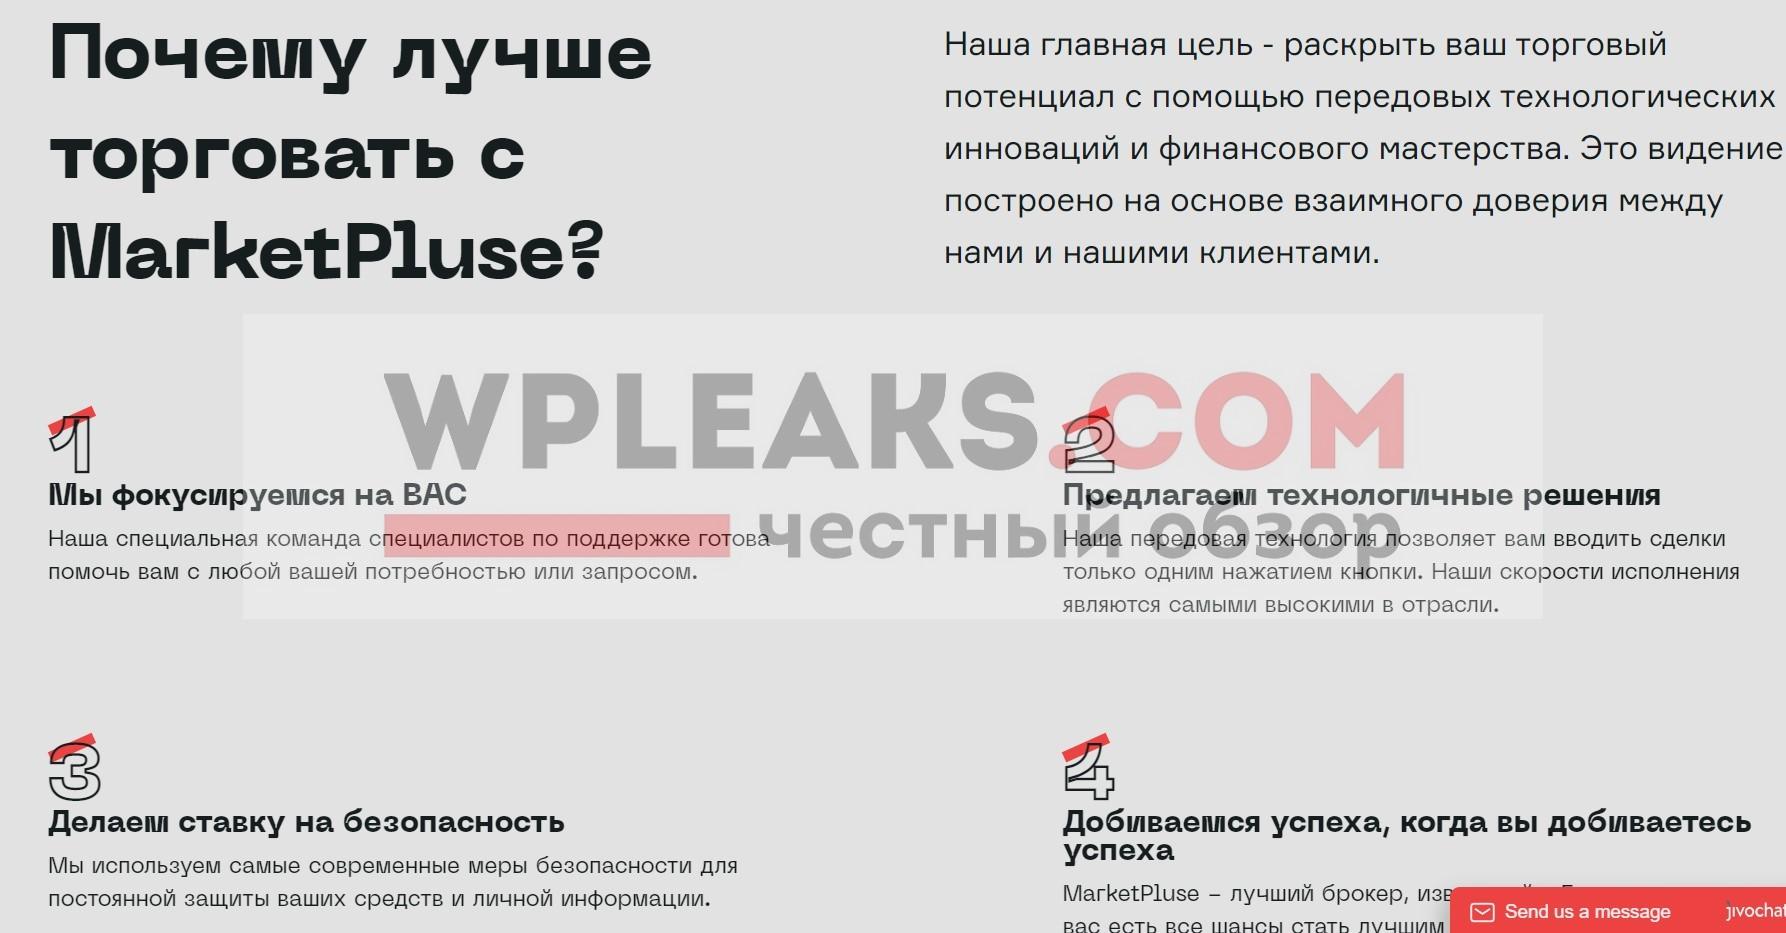 marketpluse.com отзывы